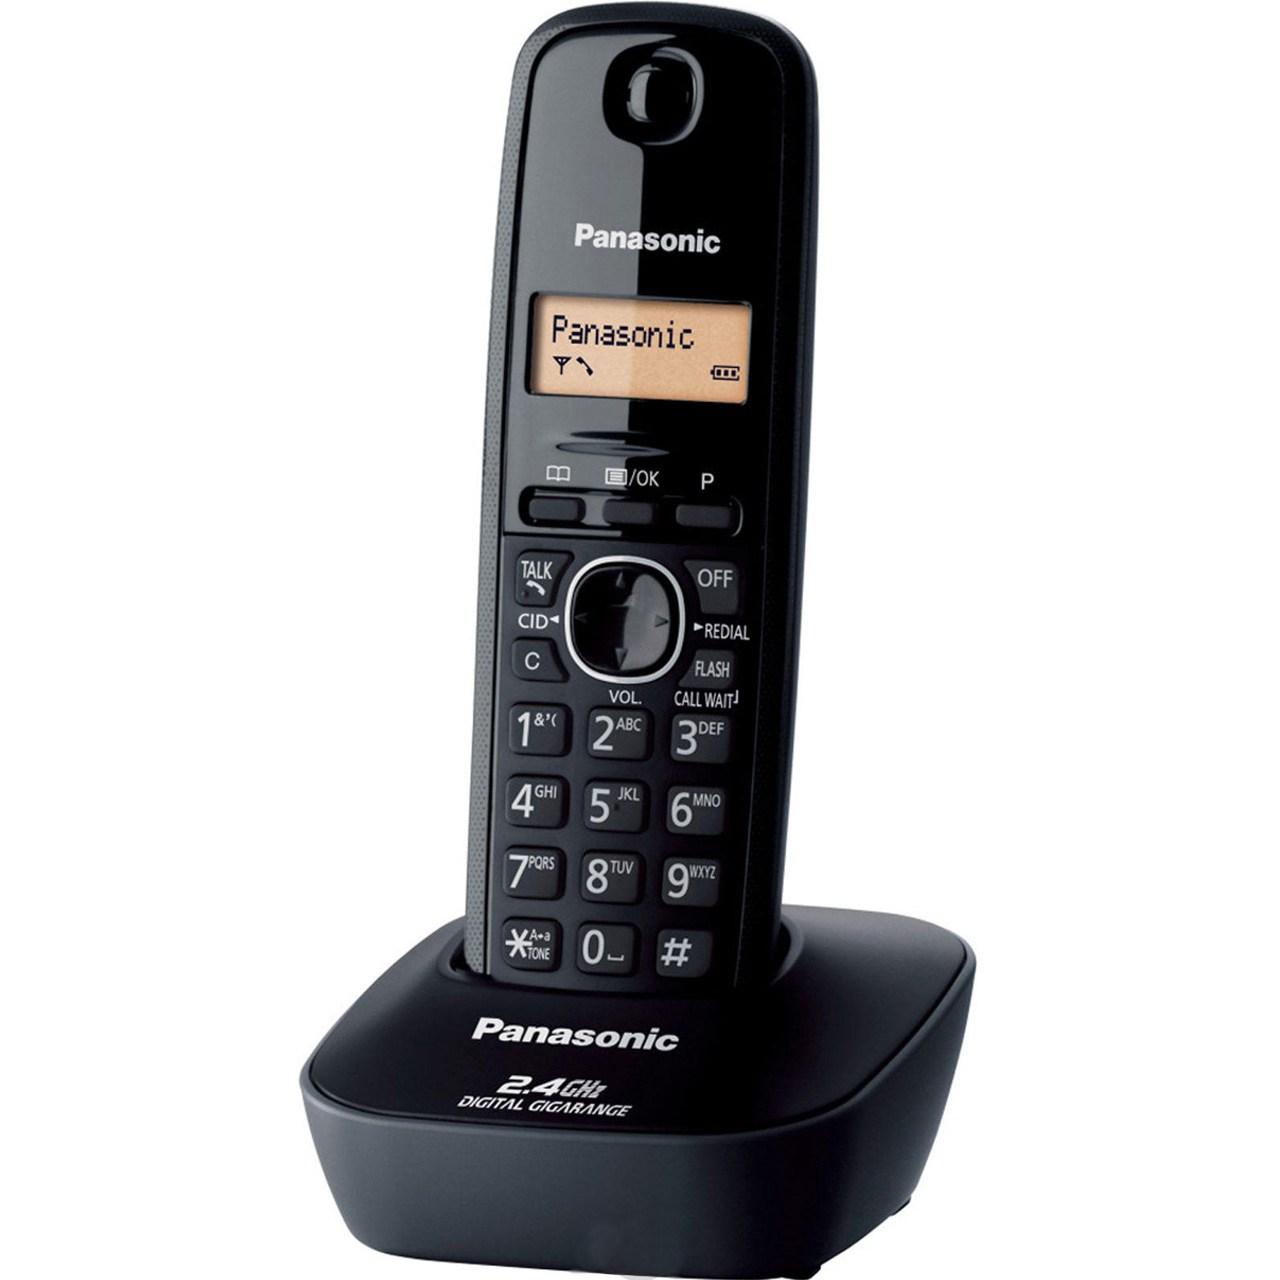 فروش اقساطی تلفن بی سیم پاناسونیک مدل KX-TG3411 BX